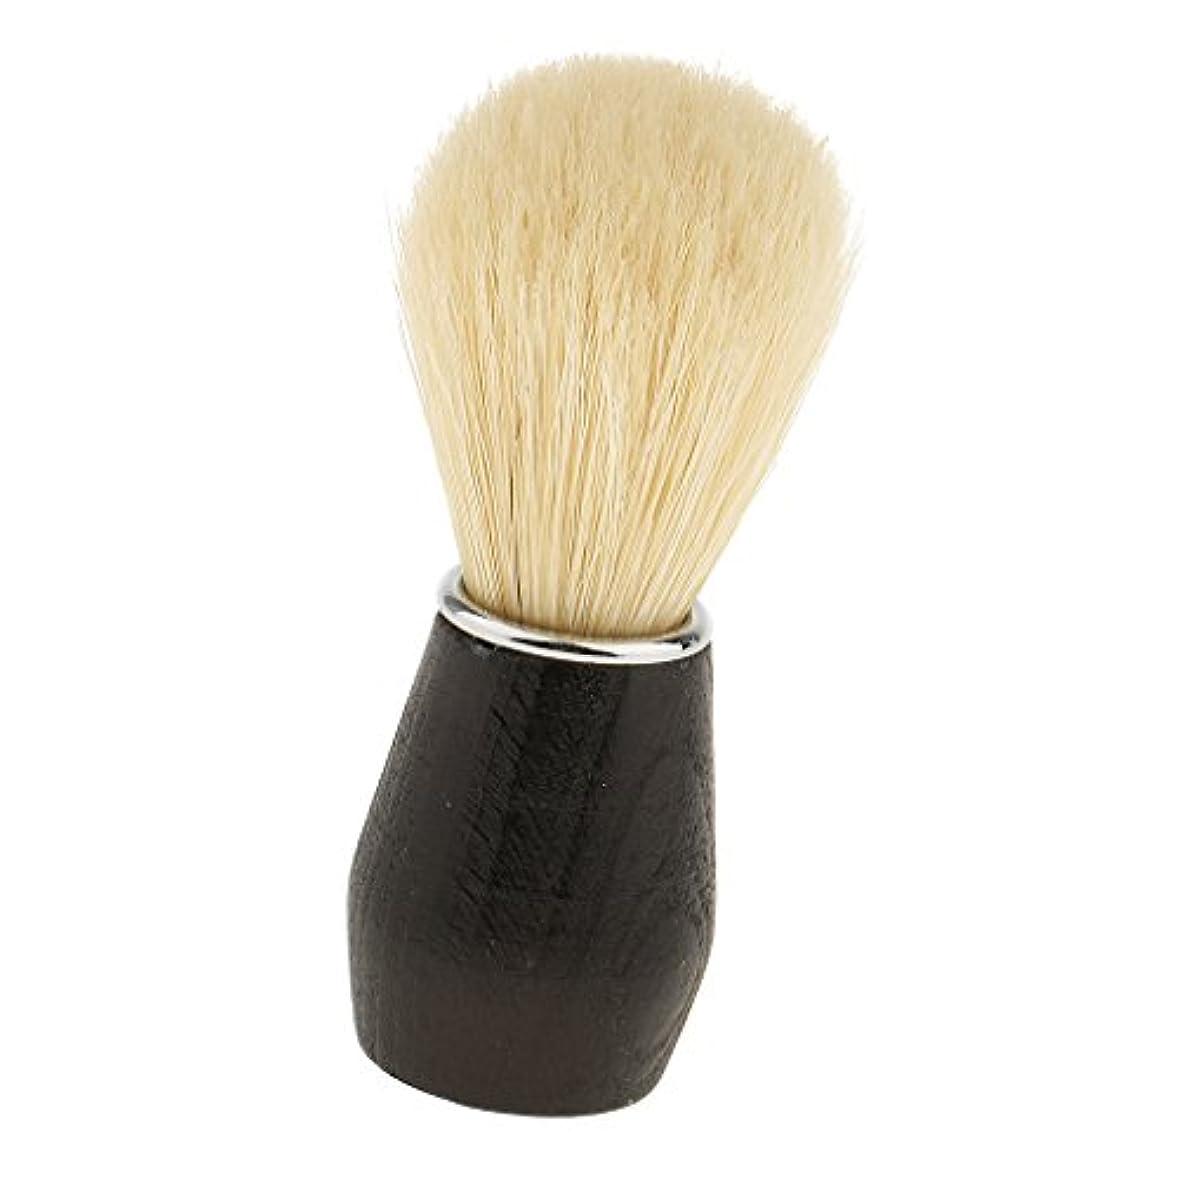 リビジョン水族館奨学金dailymall ひげ剃りブラシ シェービングブラシ メンズ 髭剃り プロフェッショナル ひげ剃り 美容ツール